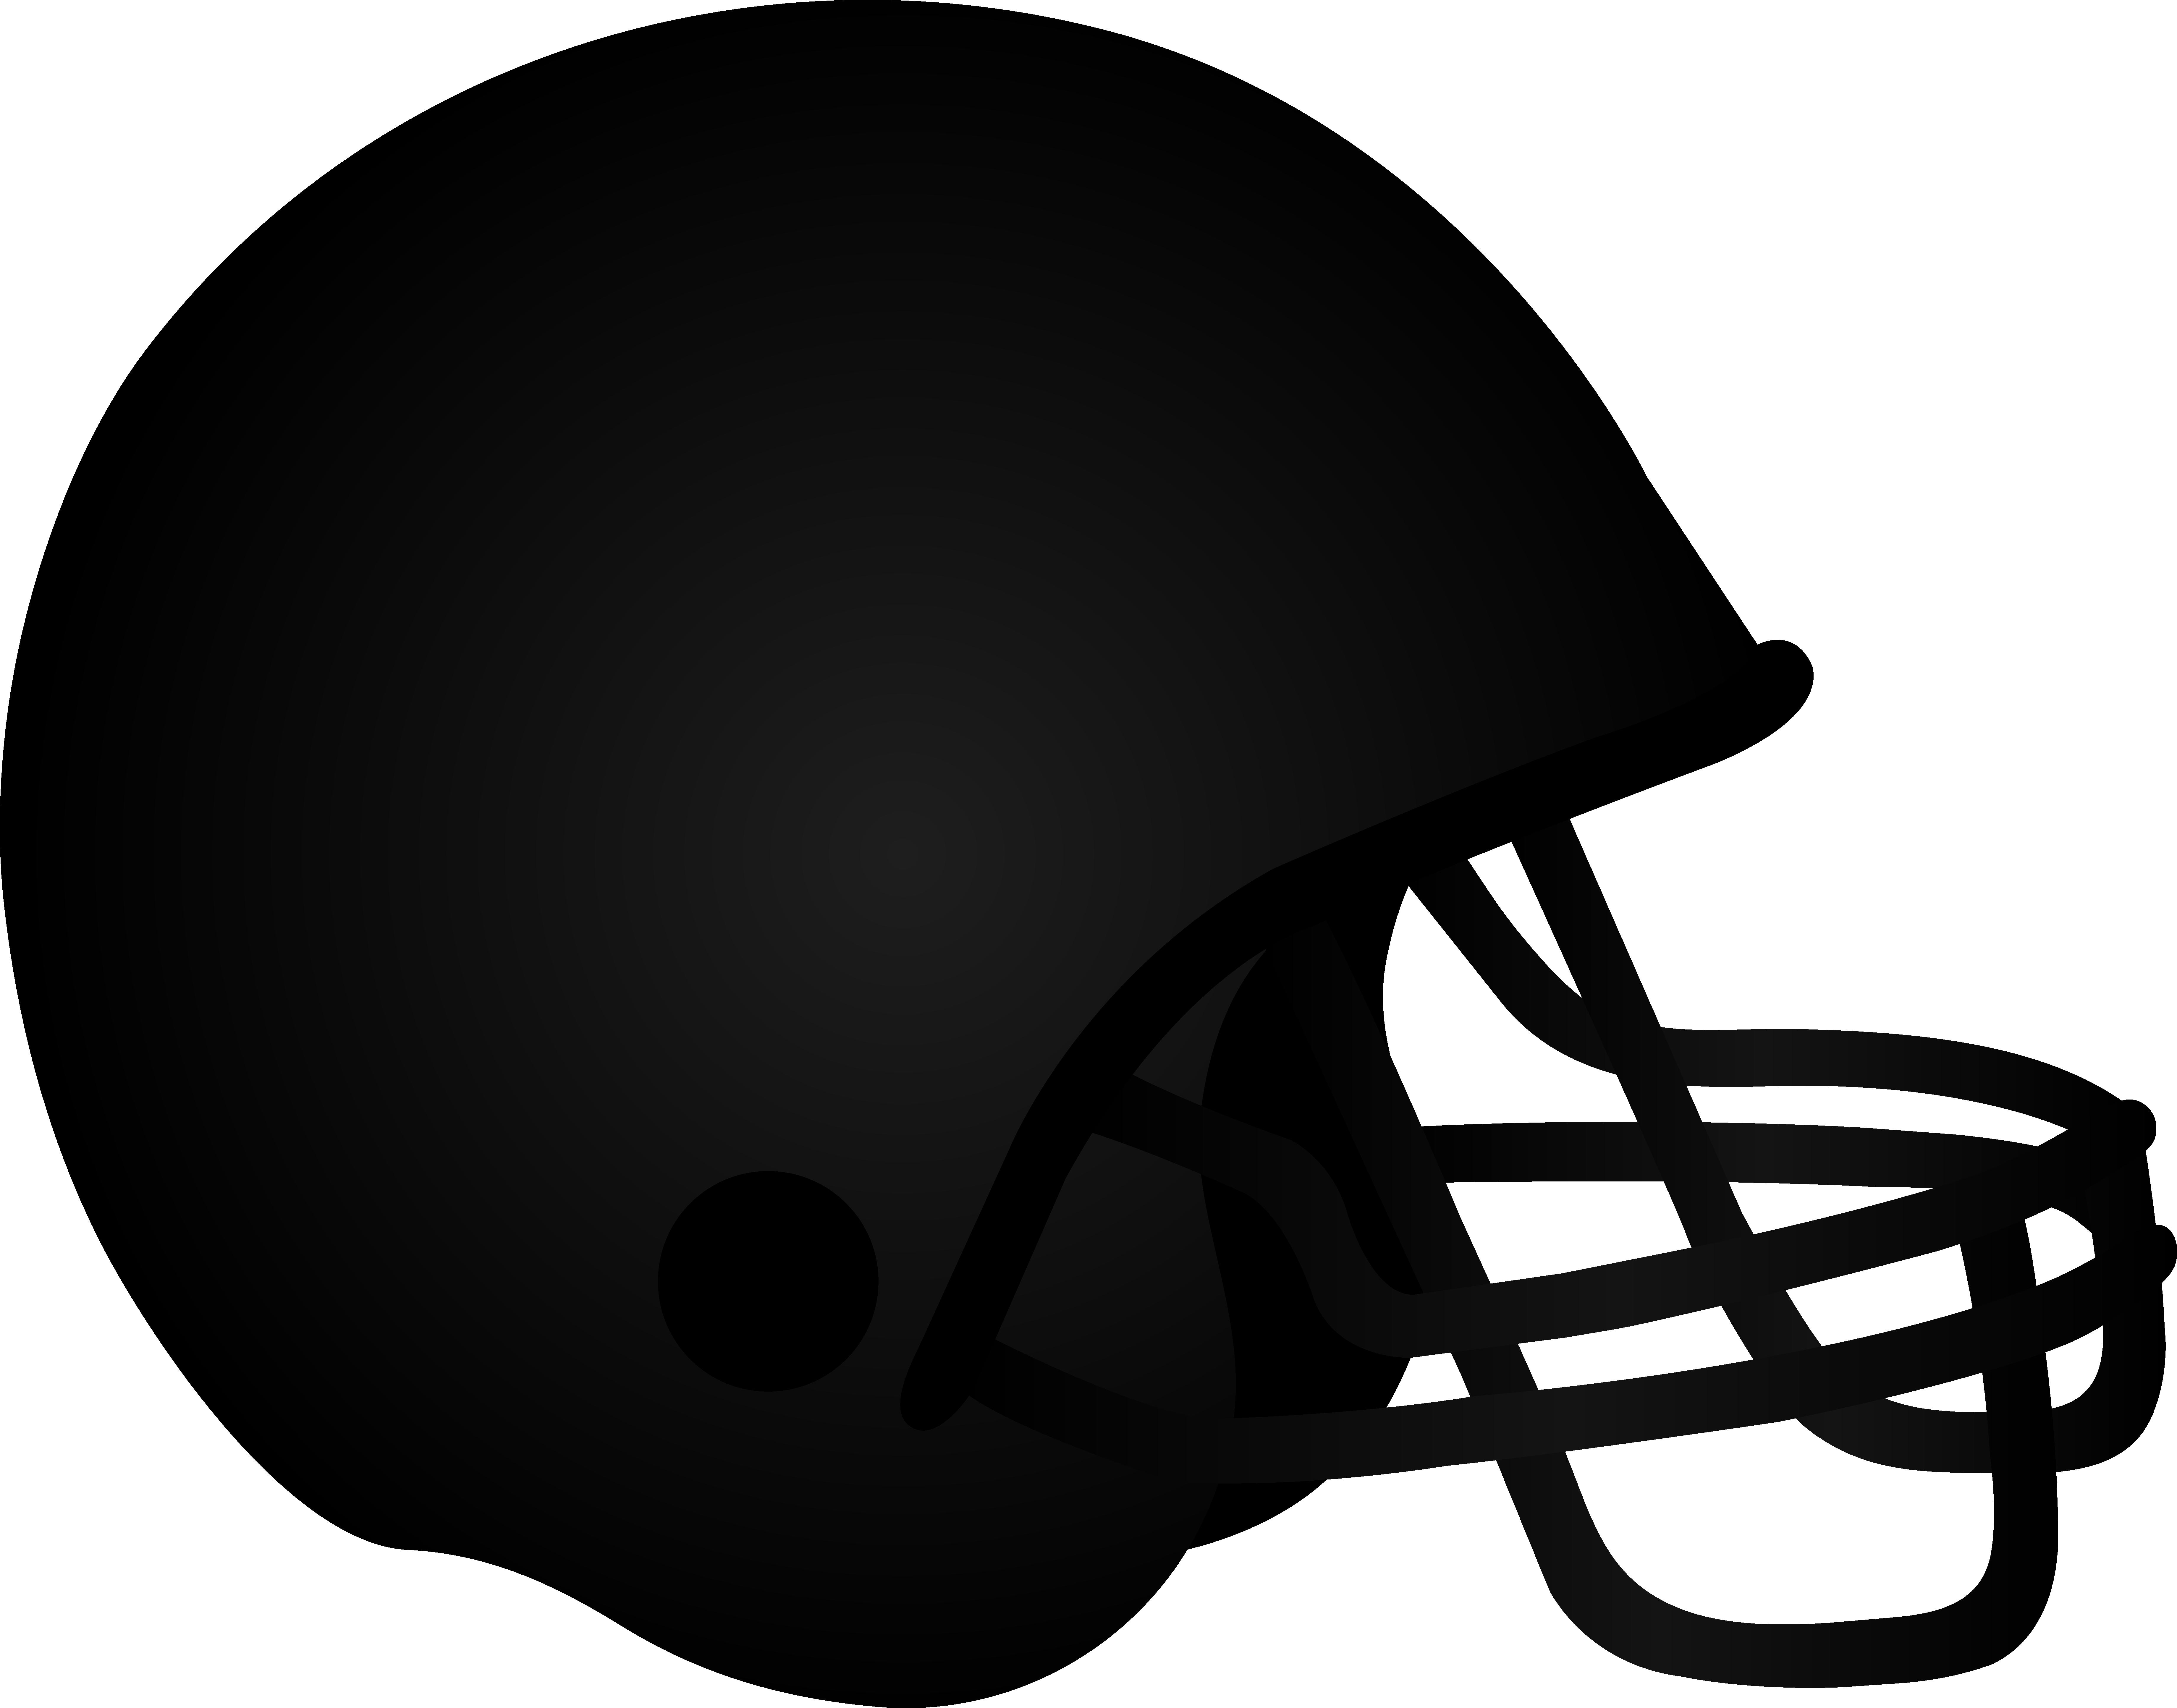 Football Helmet Clip Art-Football Helmet Clip Art-2